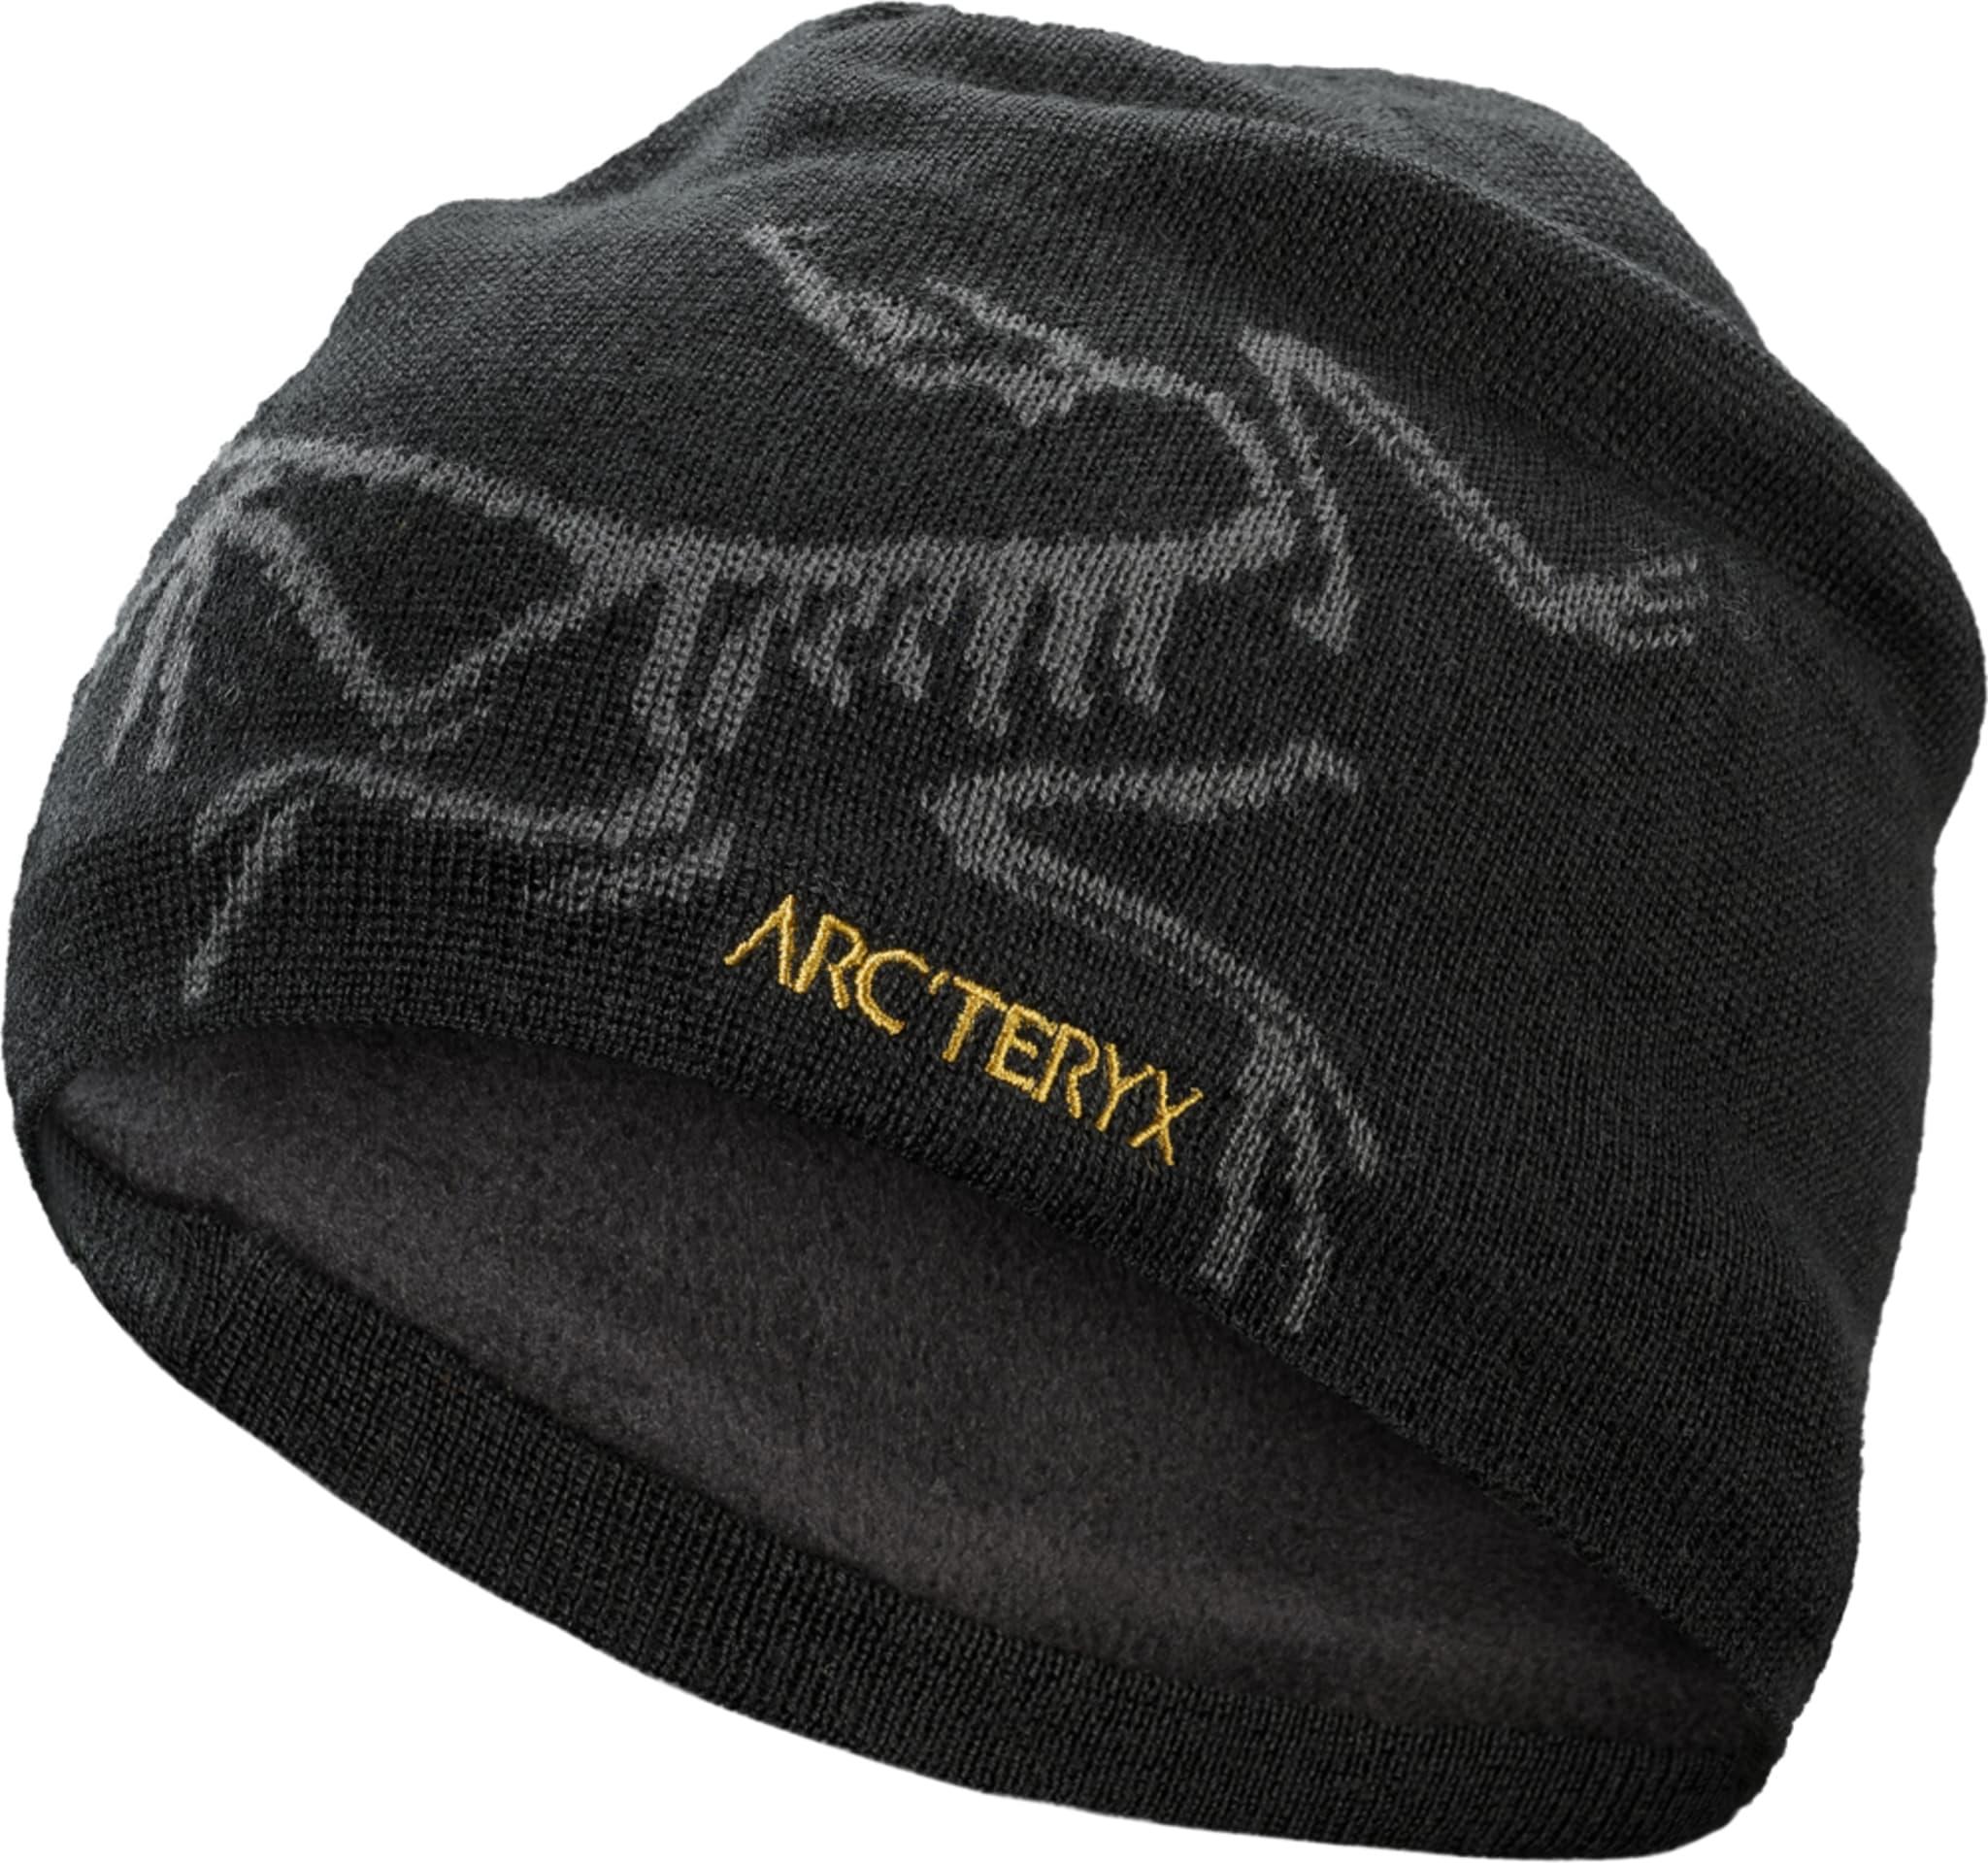 Stilren lue med Arc'teryx logo